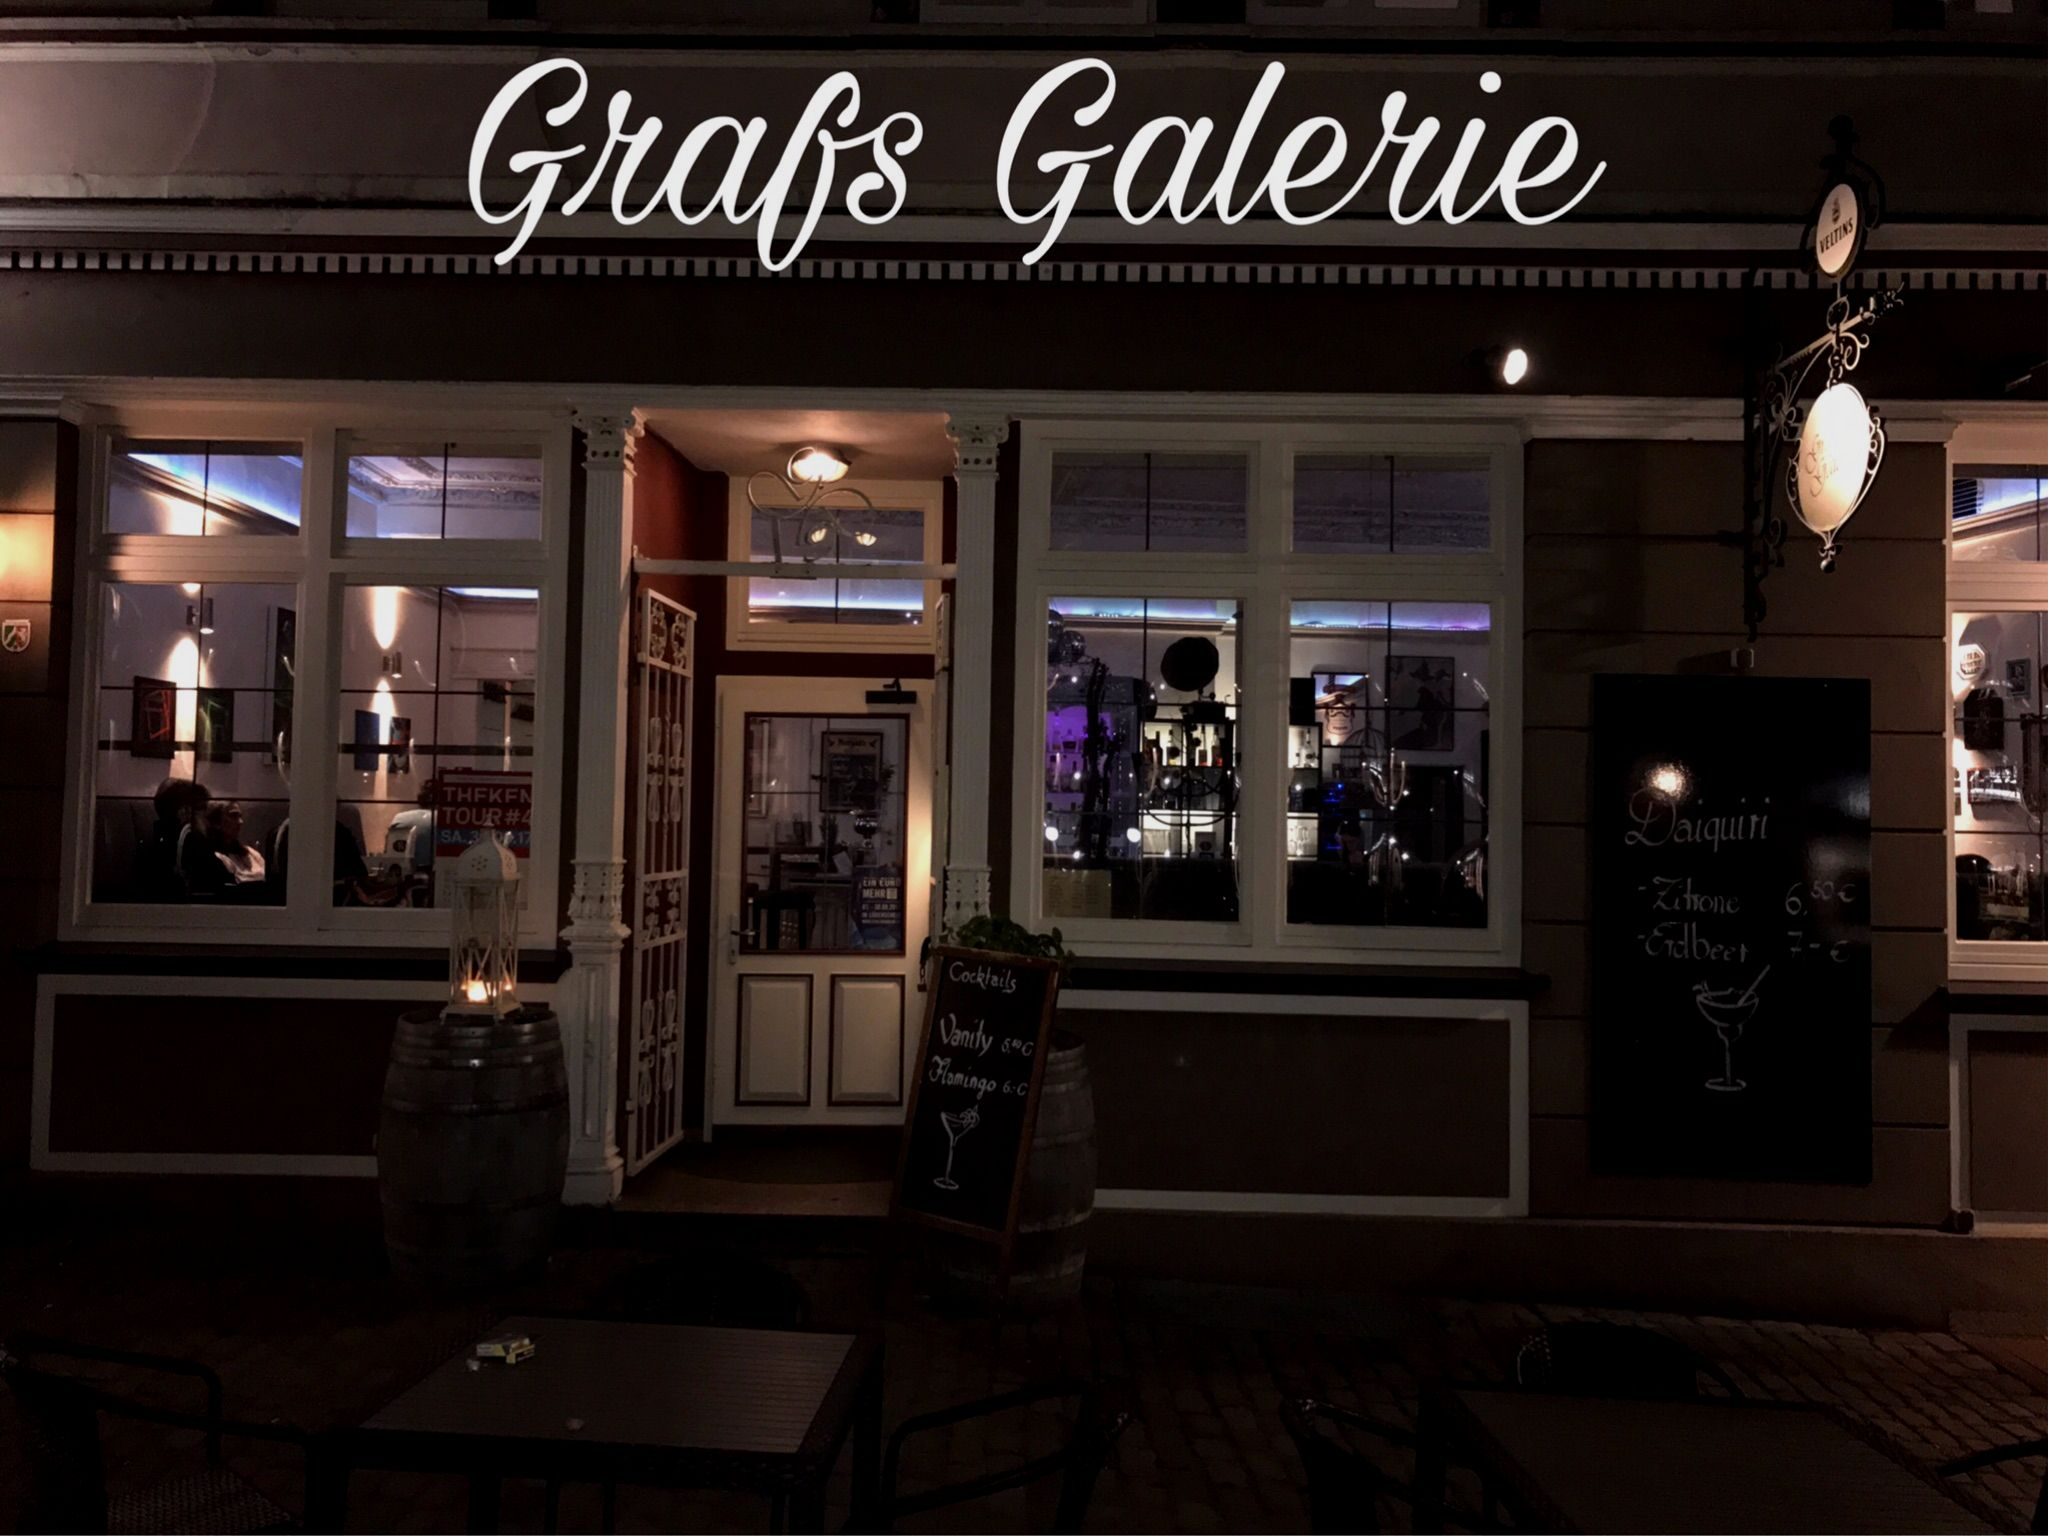 Grafs Galerie